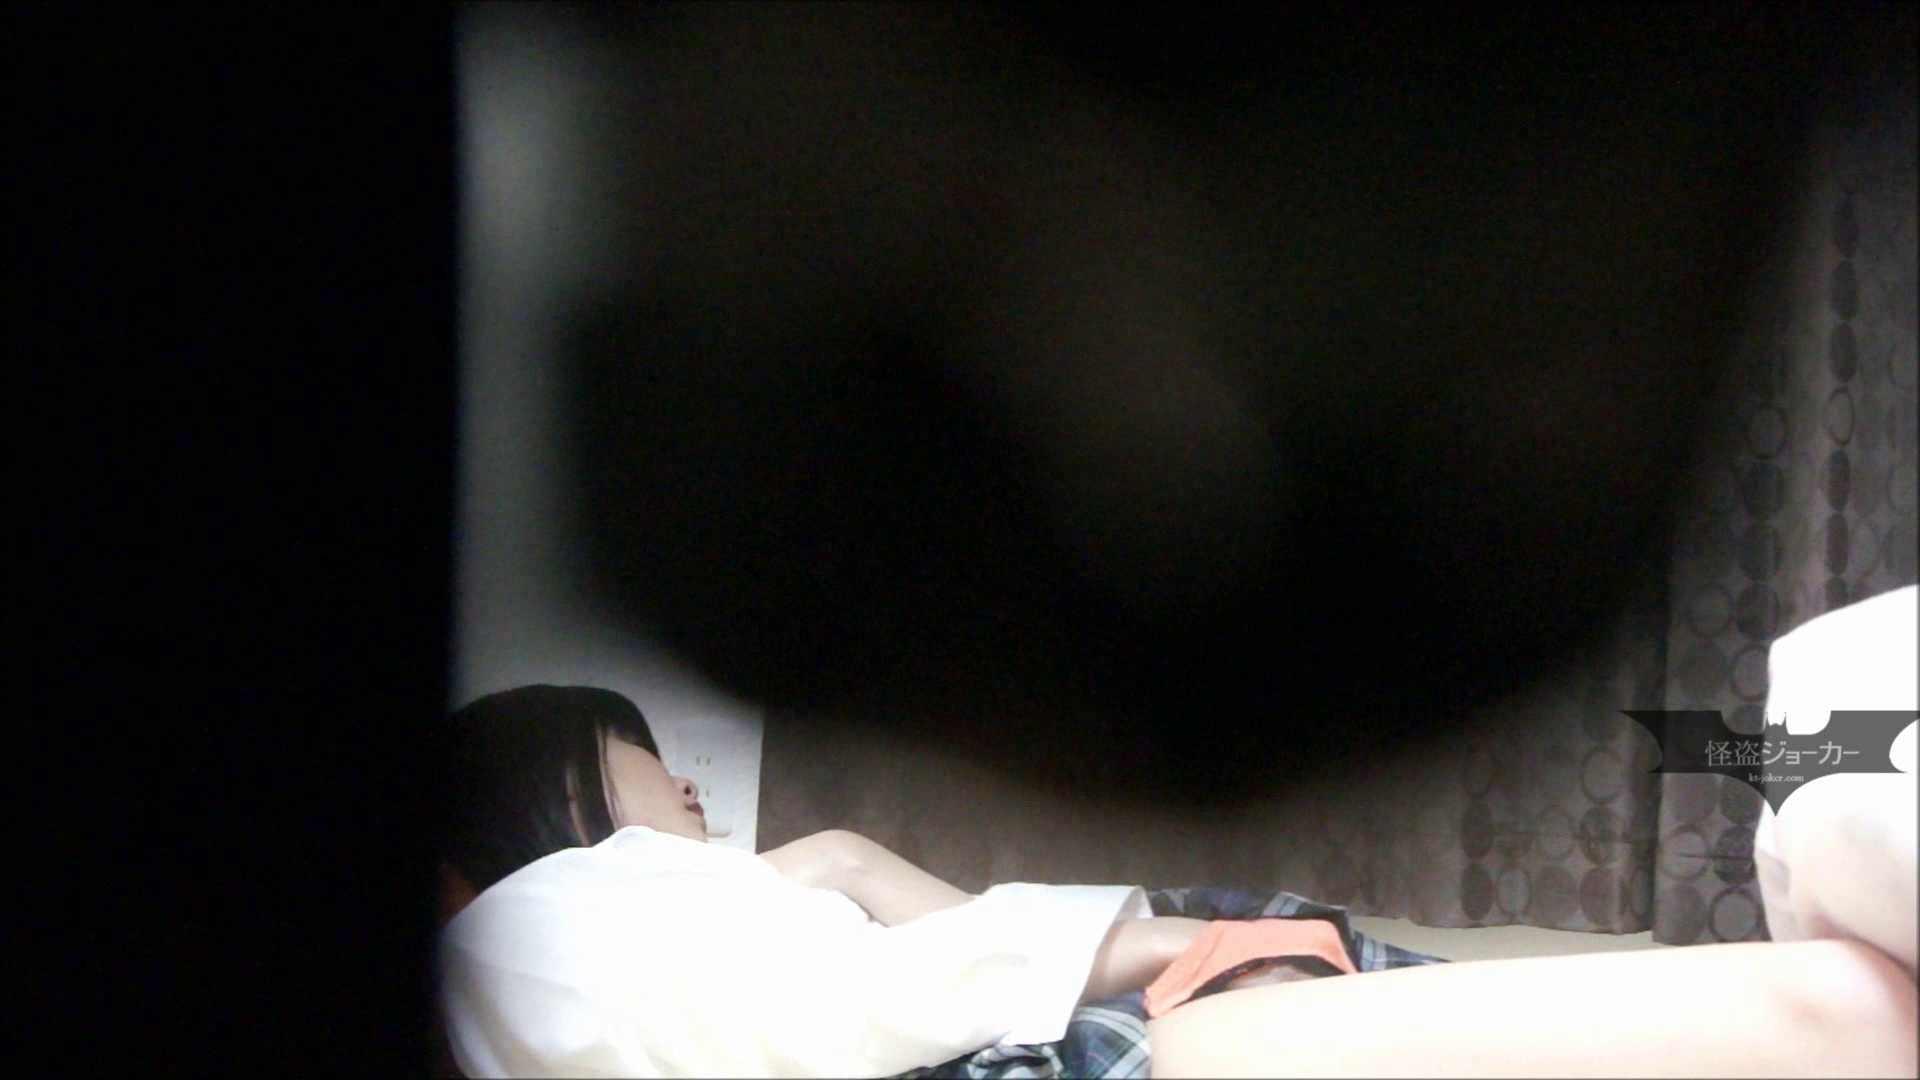 【未公開】vol.54【小春】脱衣所とオナニー隠し撮り 脱衣所  48連発 24